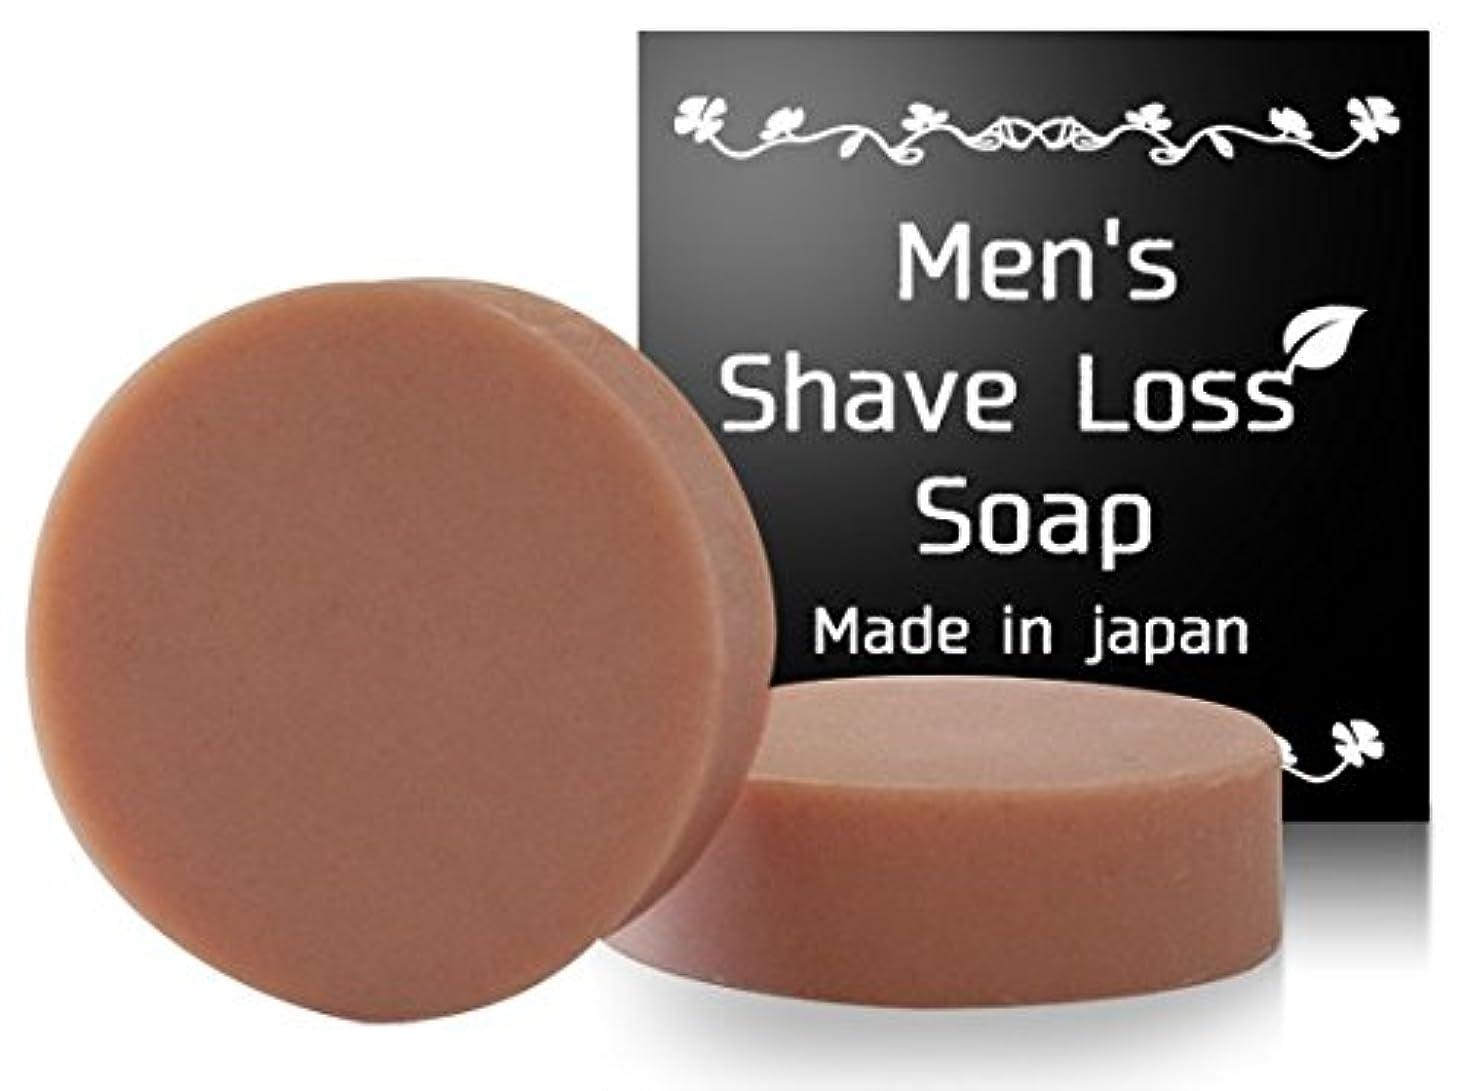 利用可能中で嫌なMens Shave Loss Soap シェーブロス 剛毛は嫌!ツルツル過ぎも嫌! そんな夢を叶えた奇跡の石鹸! 【男性専用】(1個)